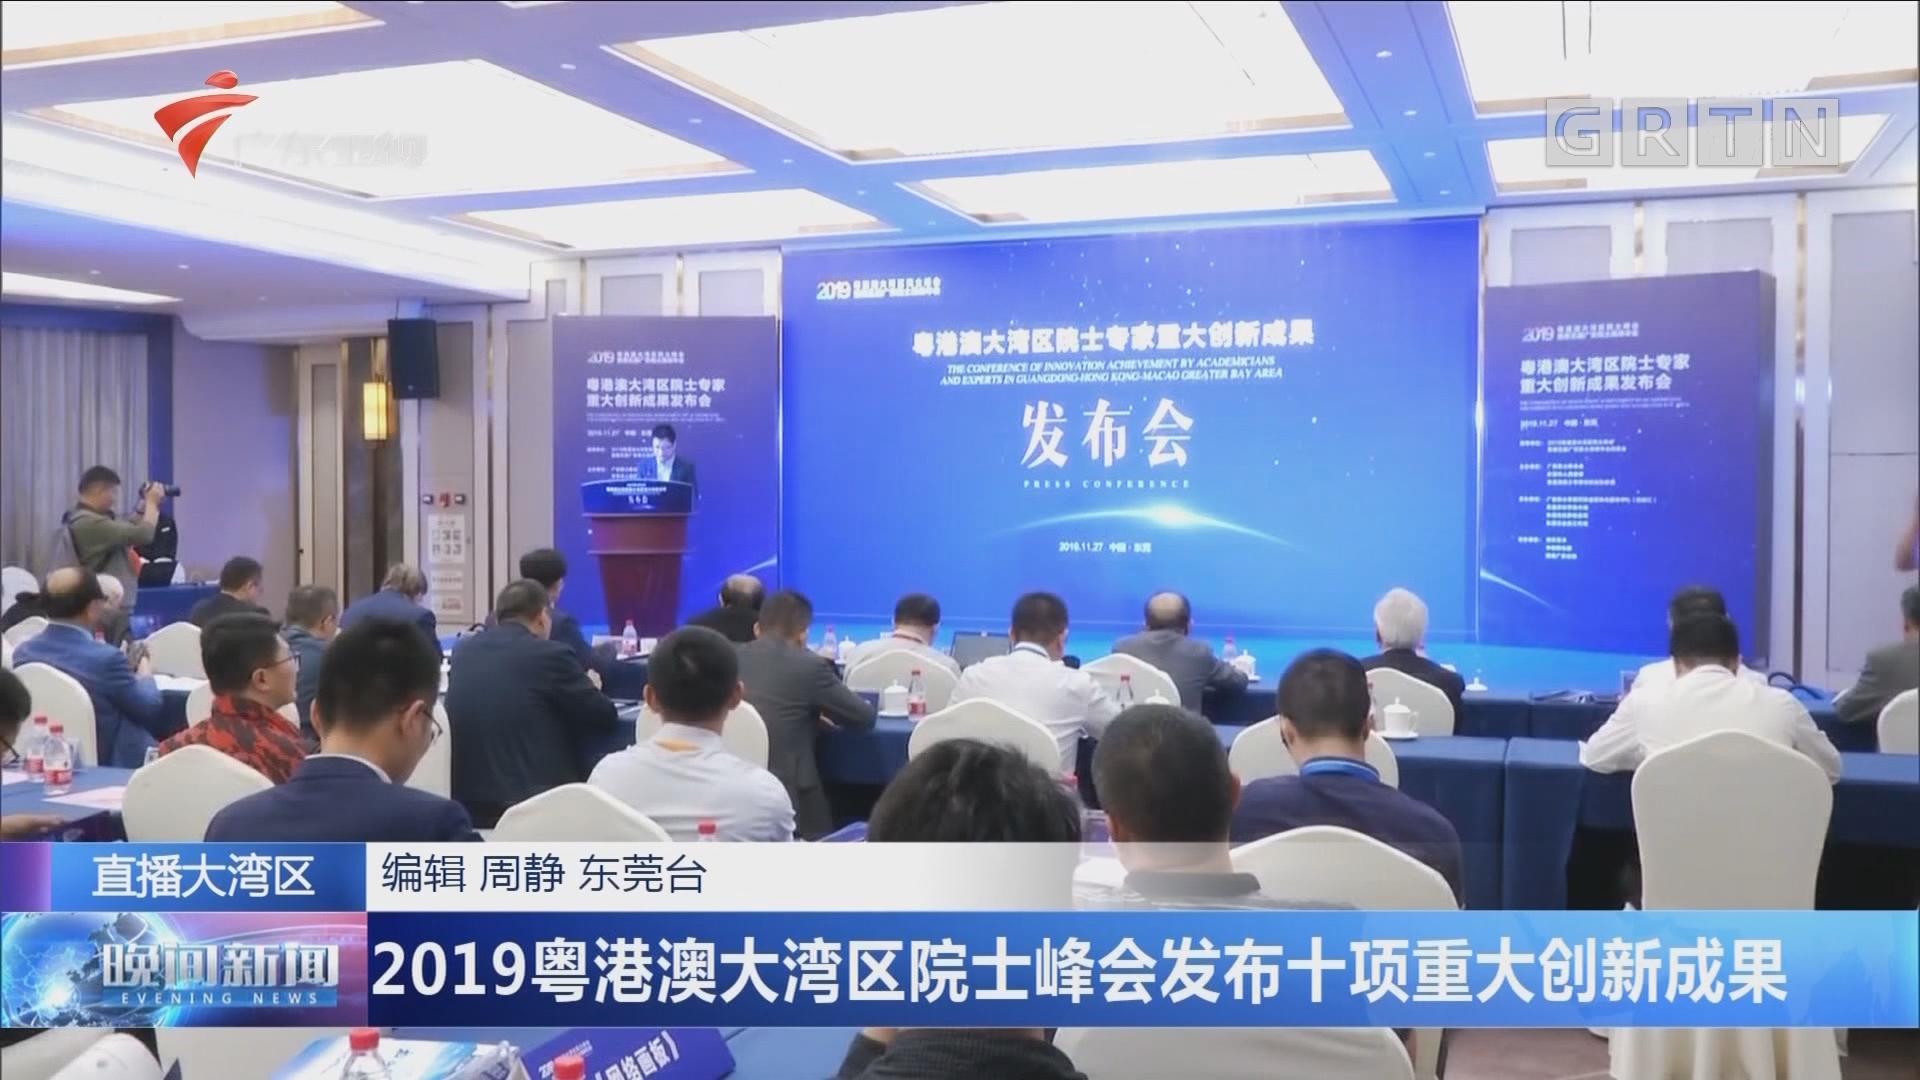 2019粤港澳大湾区院士峰会发布十项重大创新成果